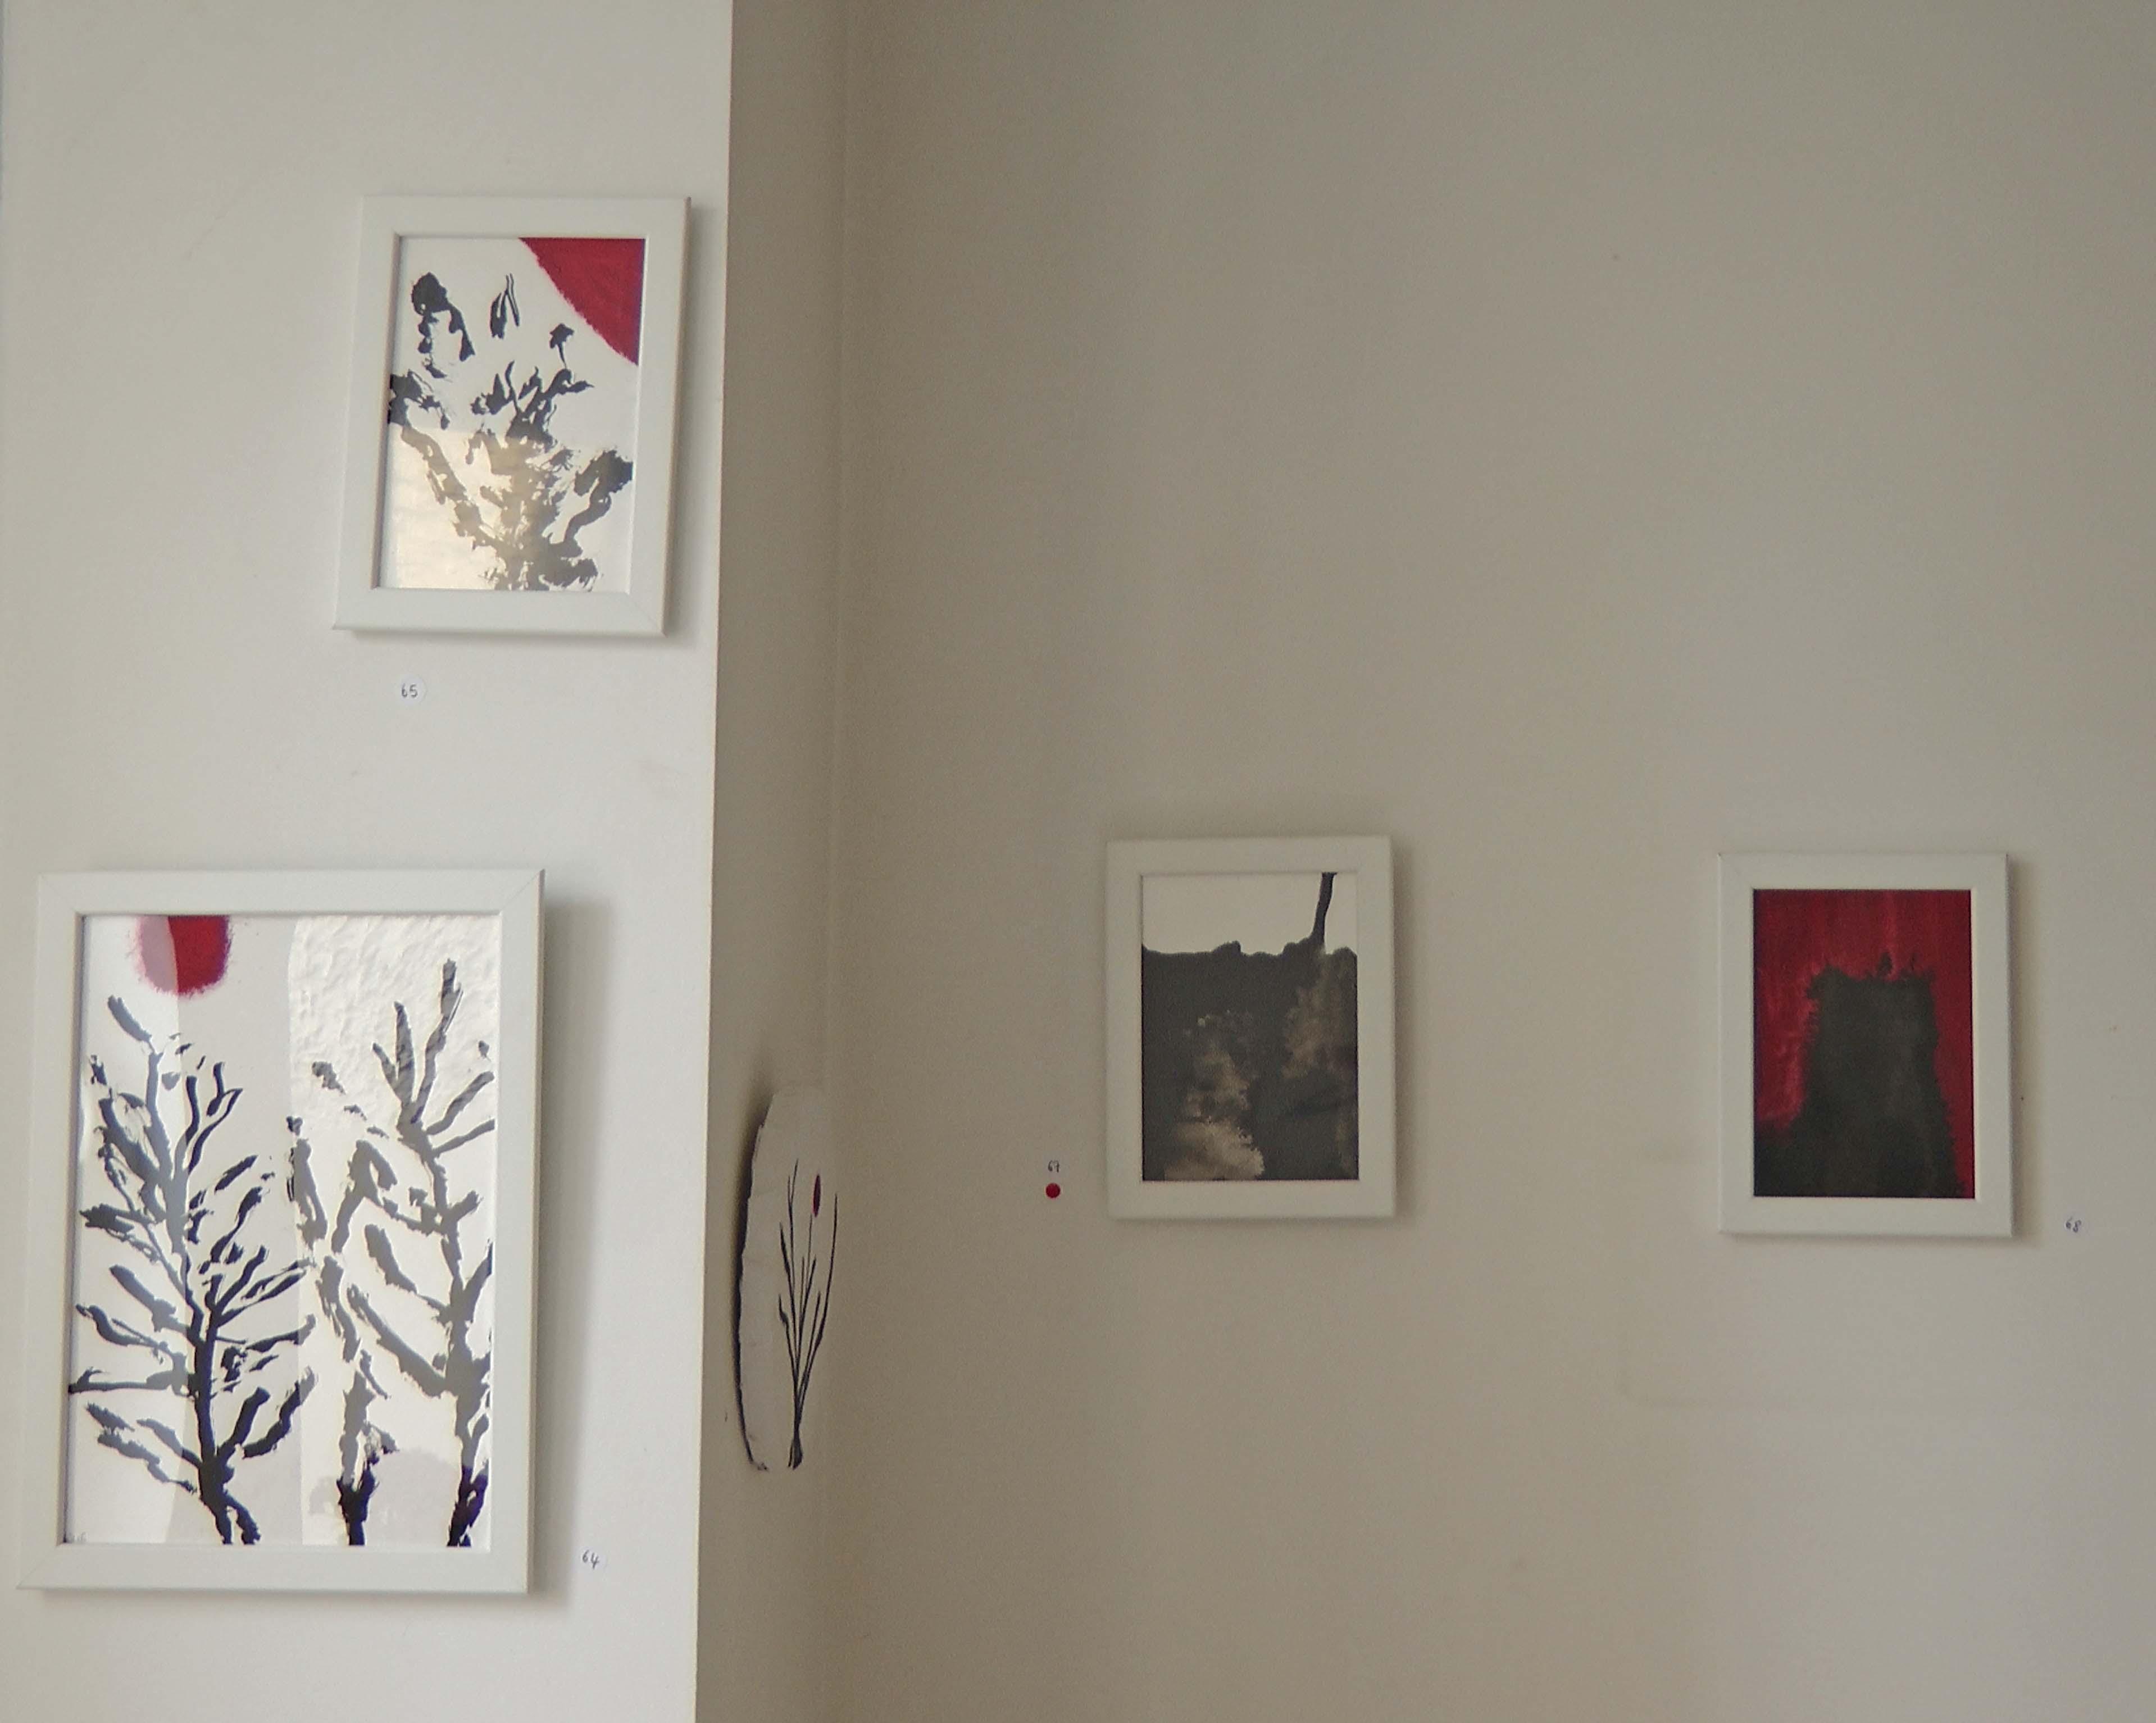 Rachel Silski, Études préparatoires pour la série Très Doucement à gauche, série Soleil Trompeur à droite, Parcours d'artistes 2016